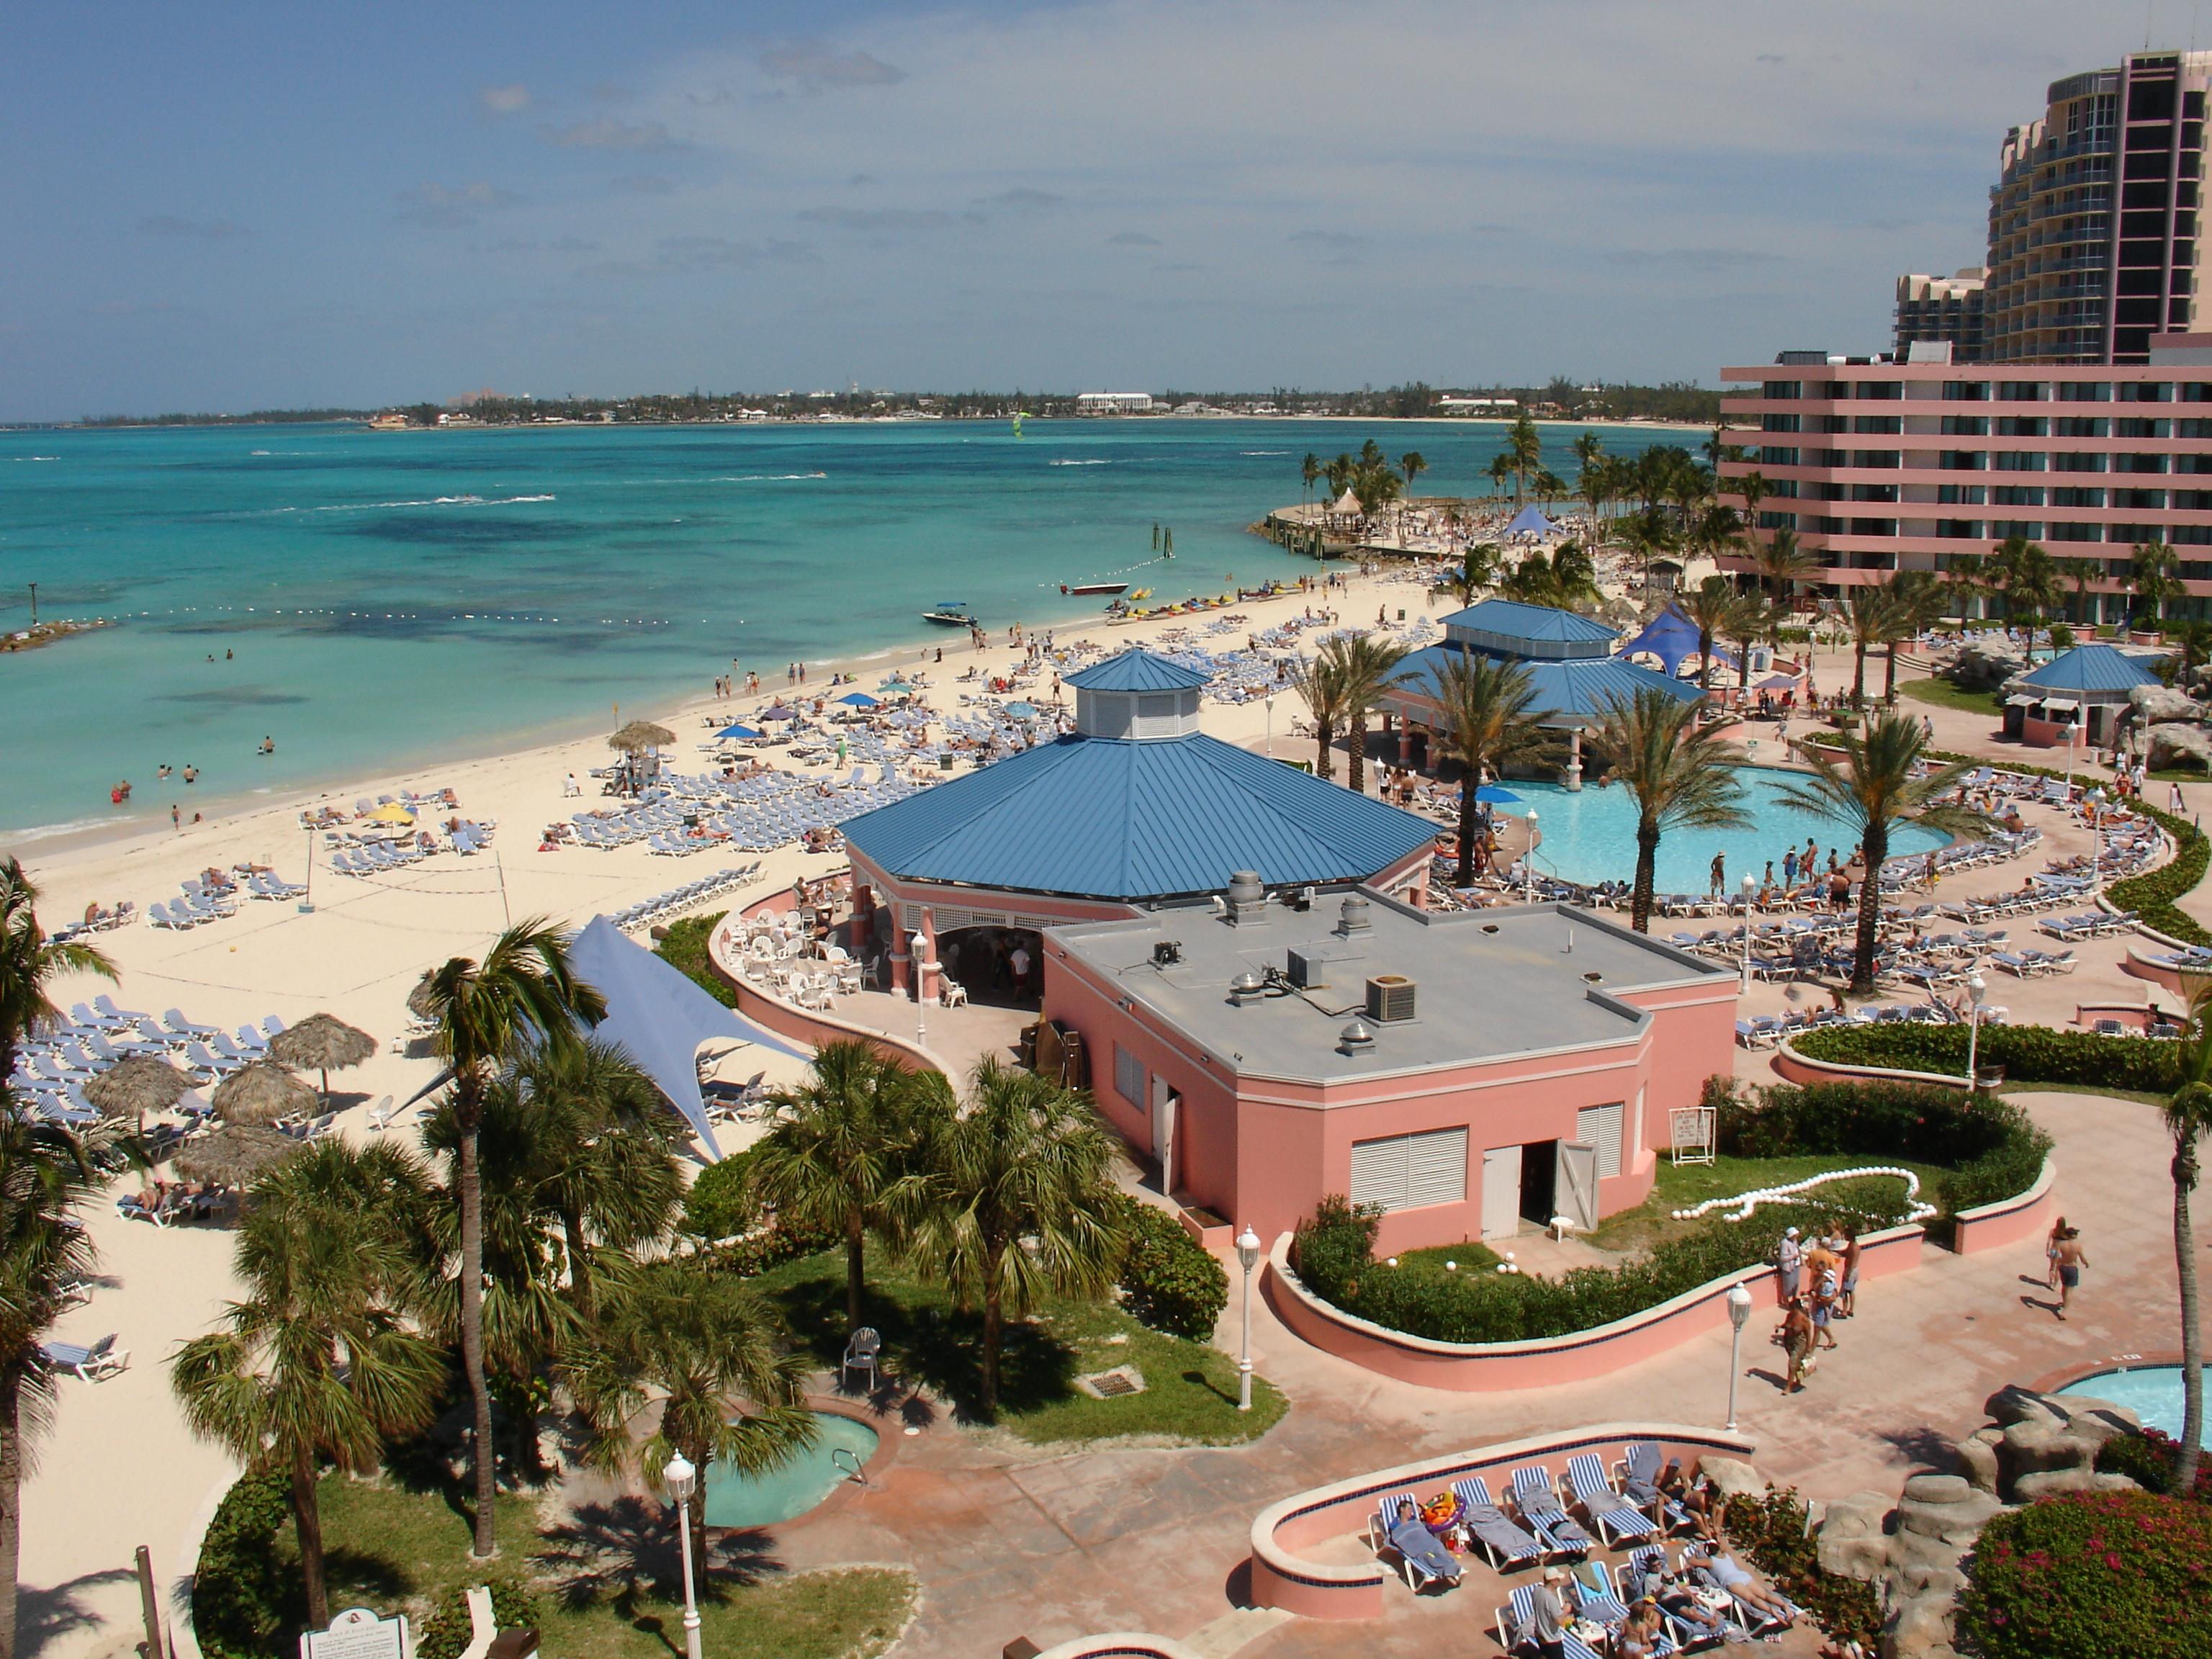 File:Bahamas zz.jpg - Wikimedia Commons